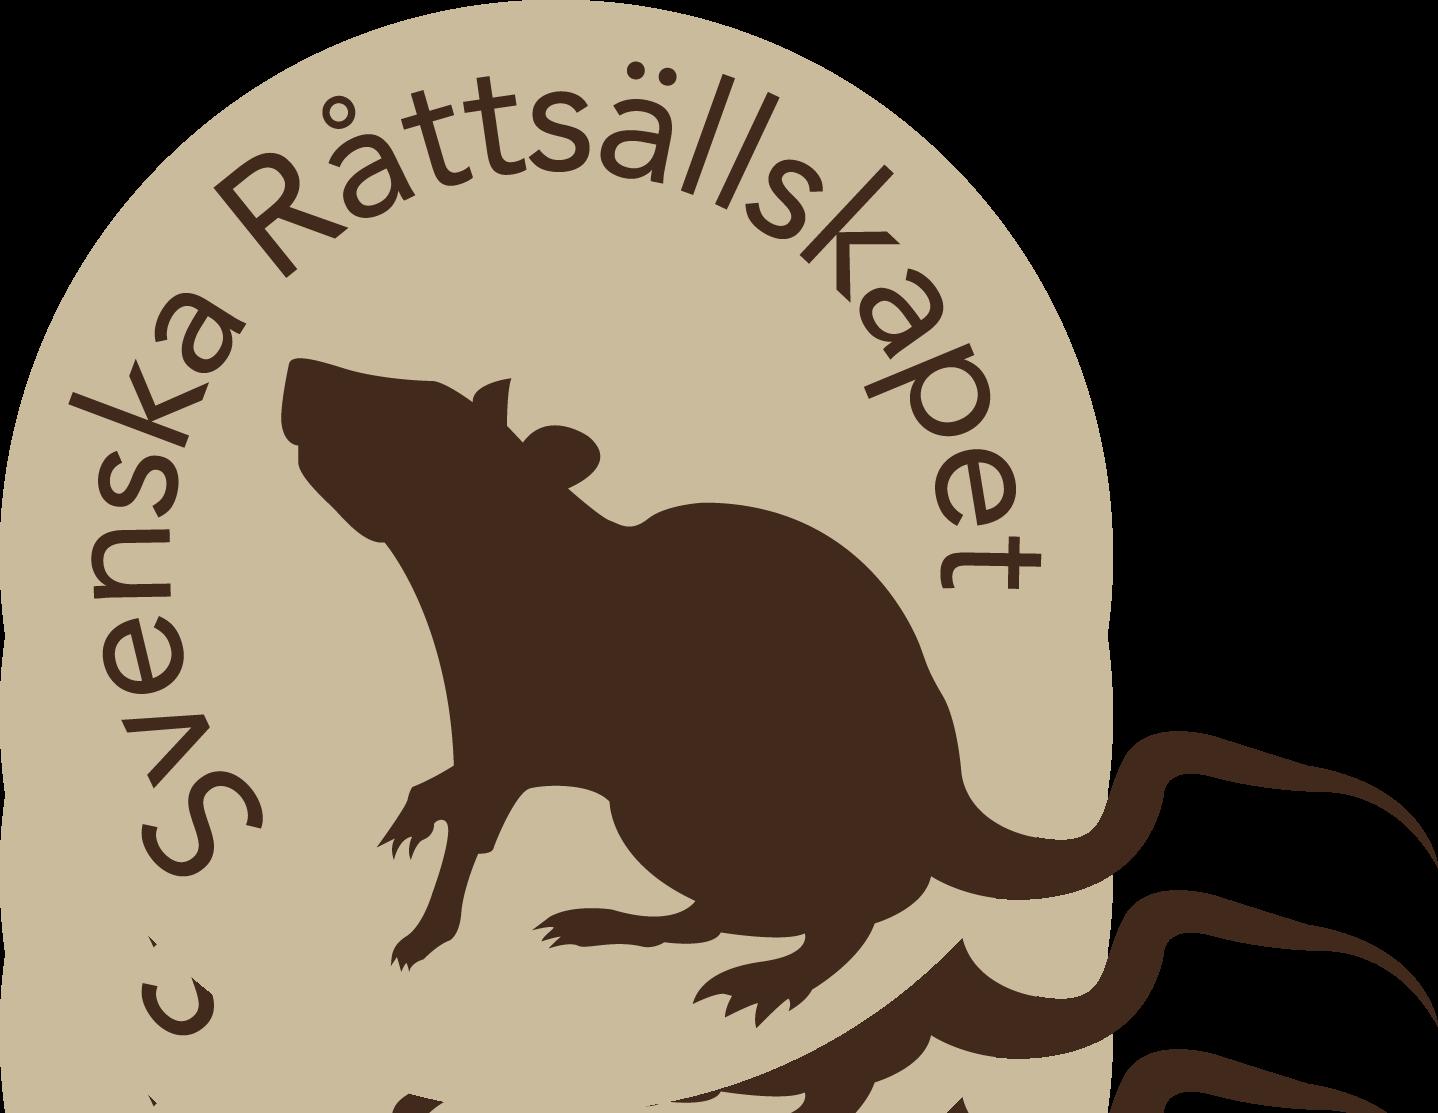 Svenska råttsällskapet